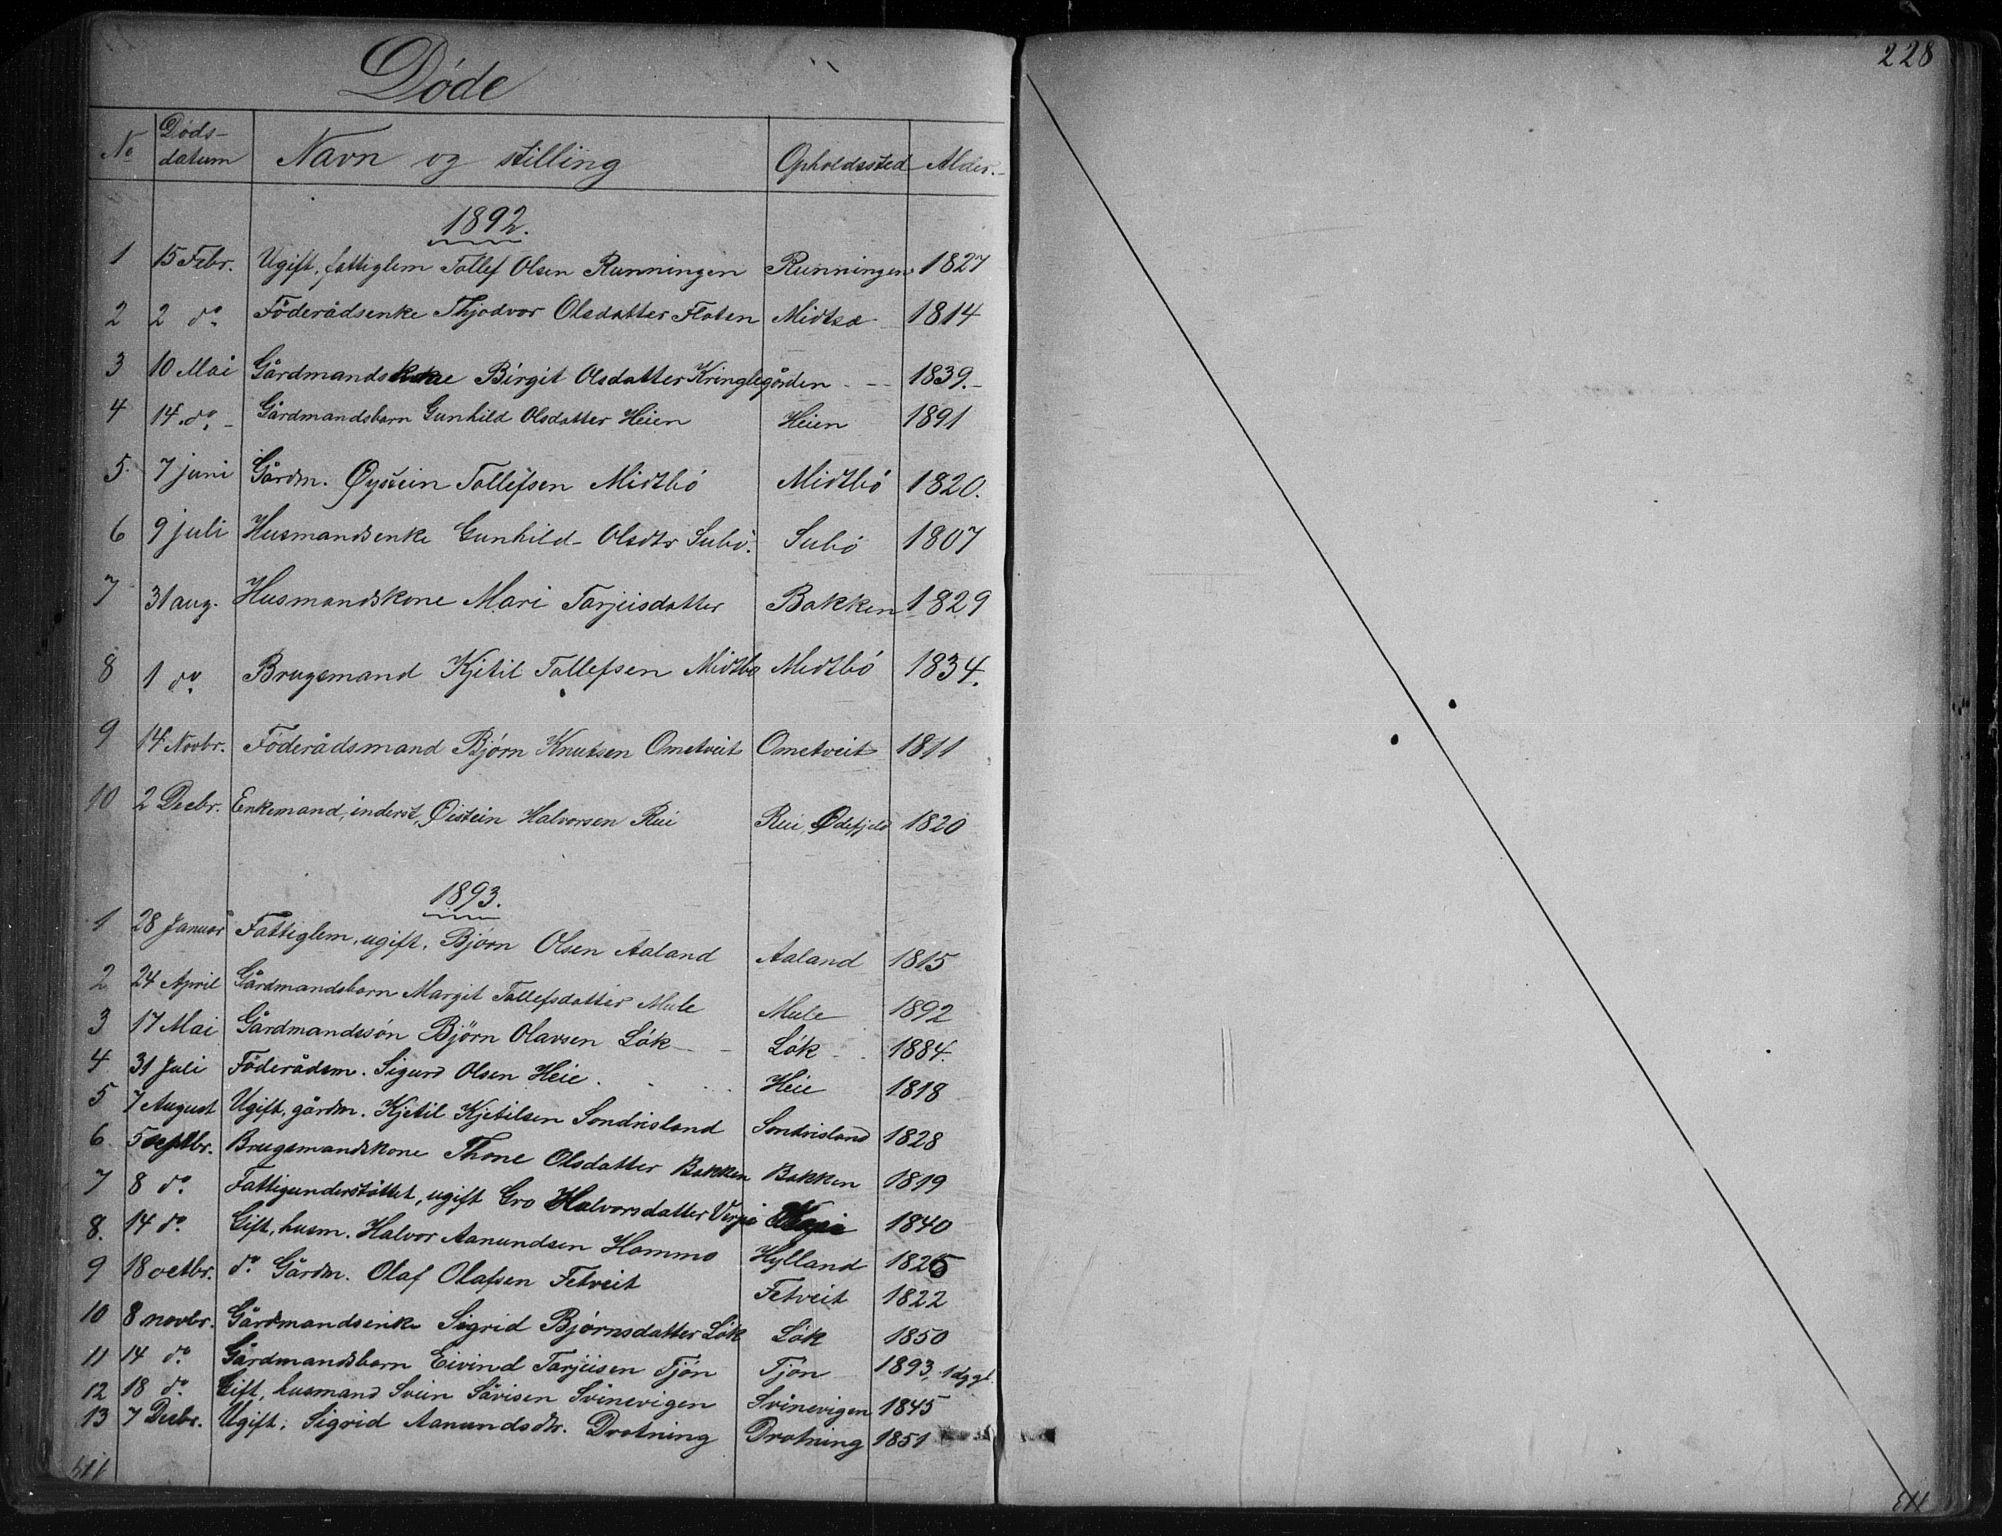 SAKO, Vinje kirkebøker, G/Ga/L0002: Klokkerbok nr. I 2, 1849-1893, s. 228